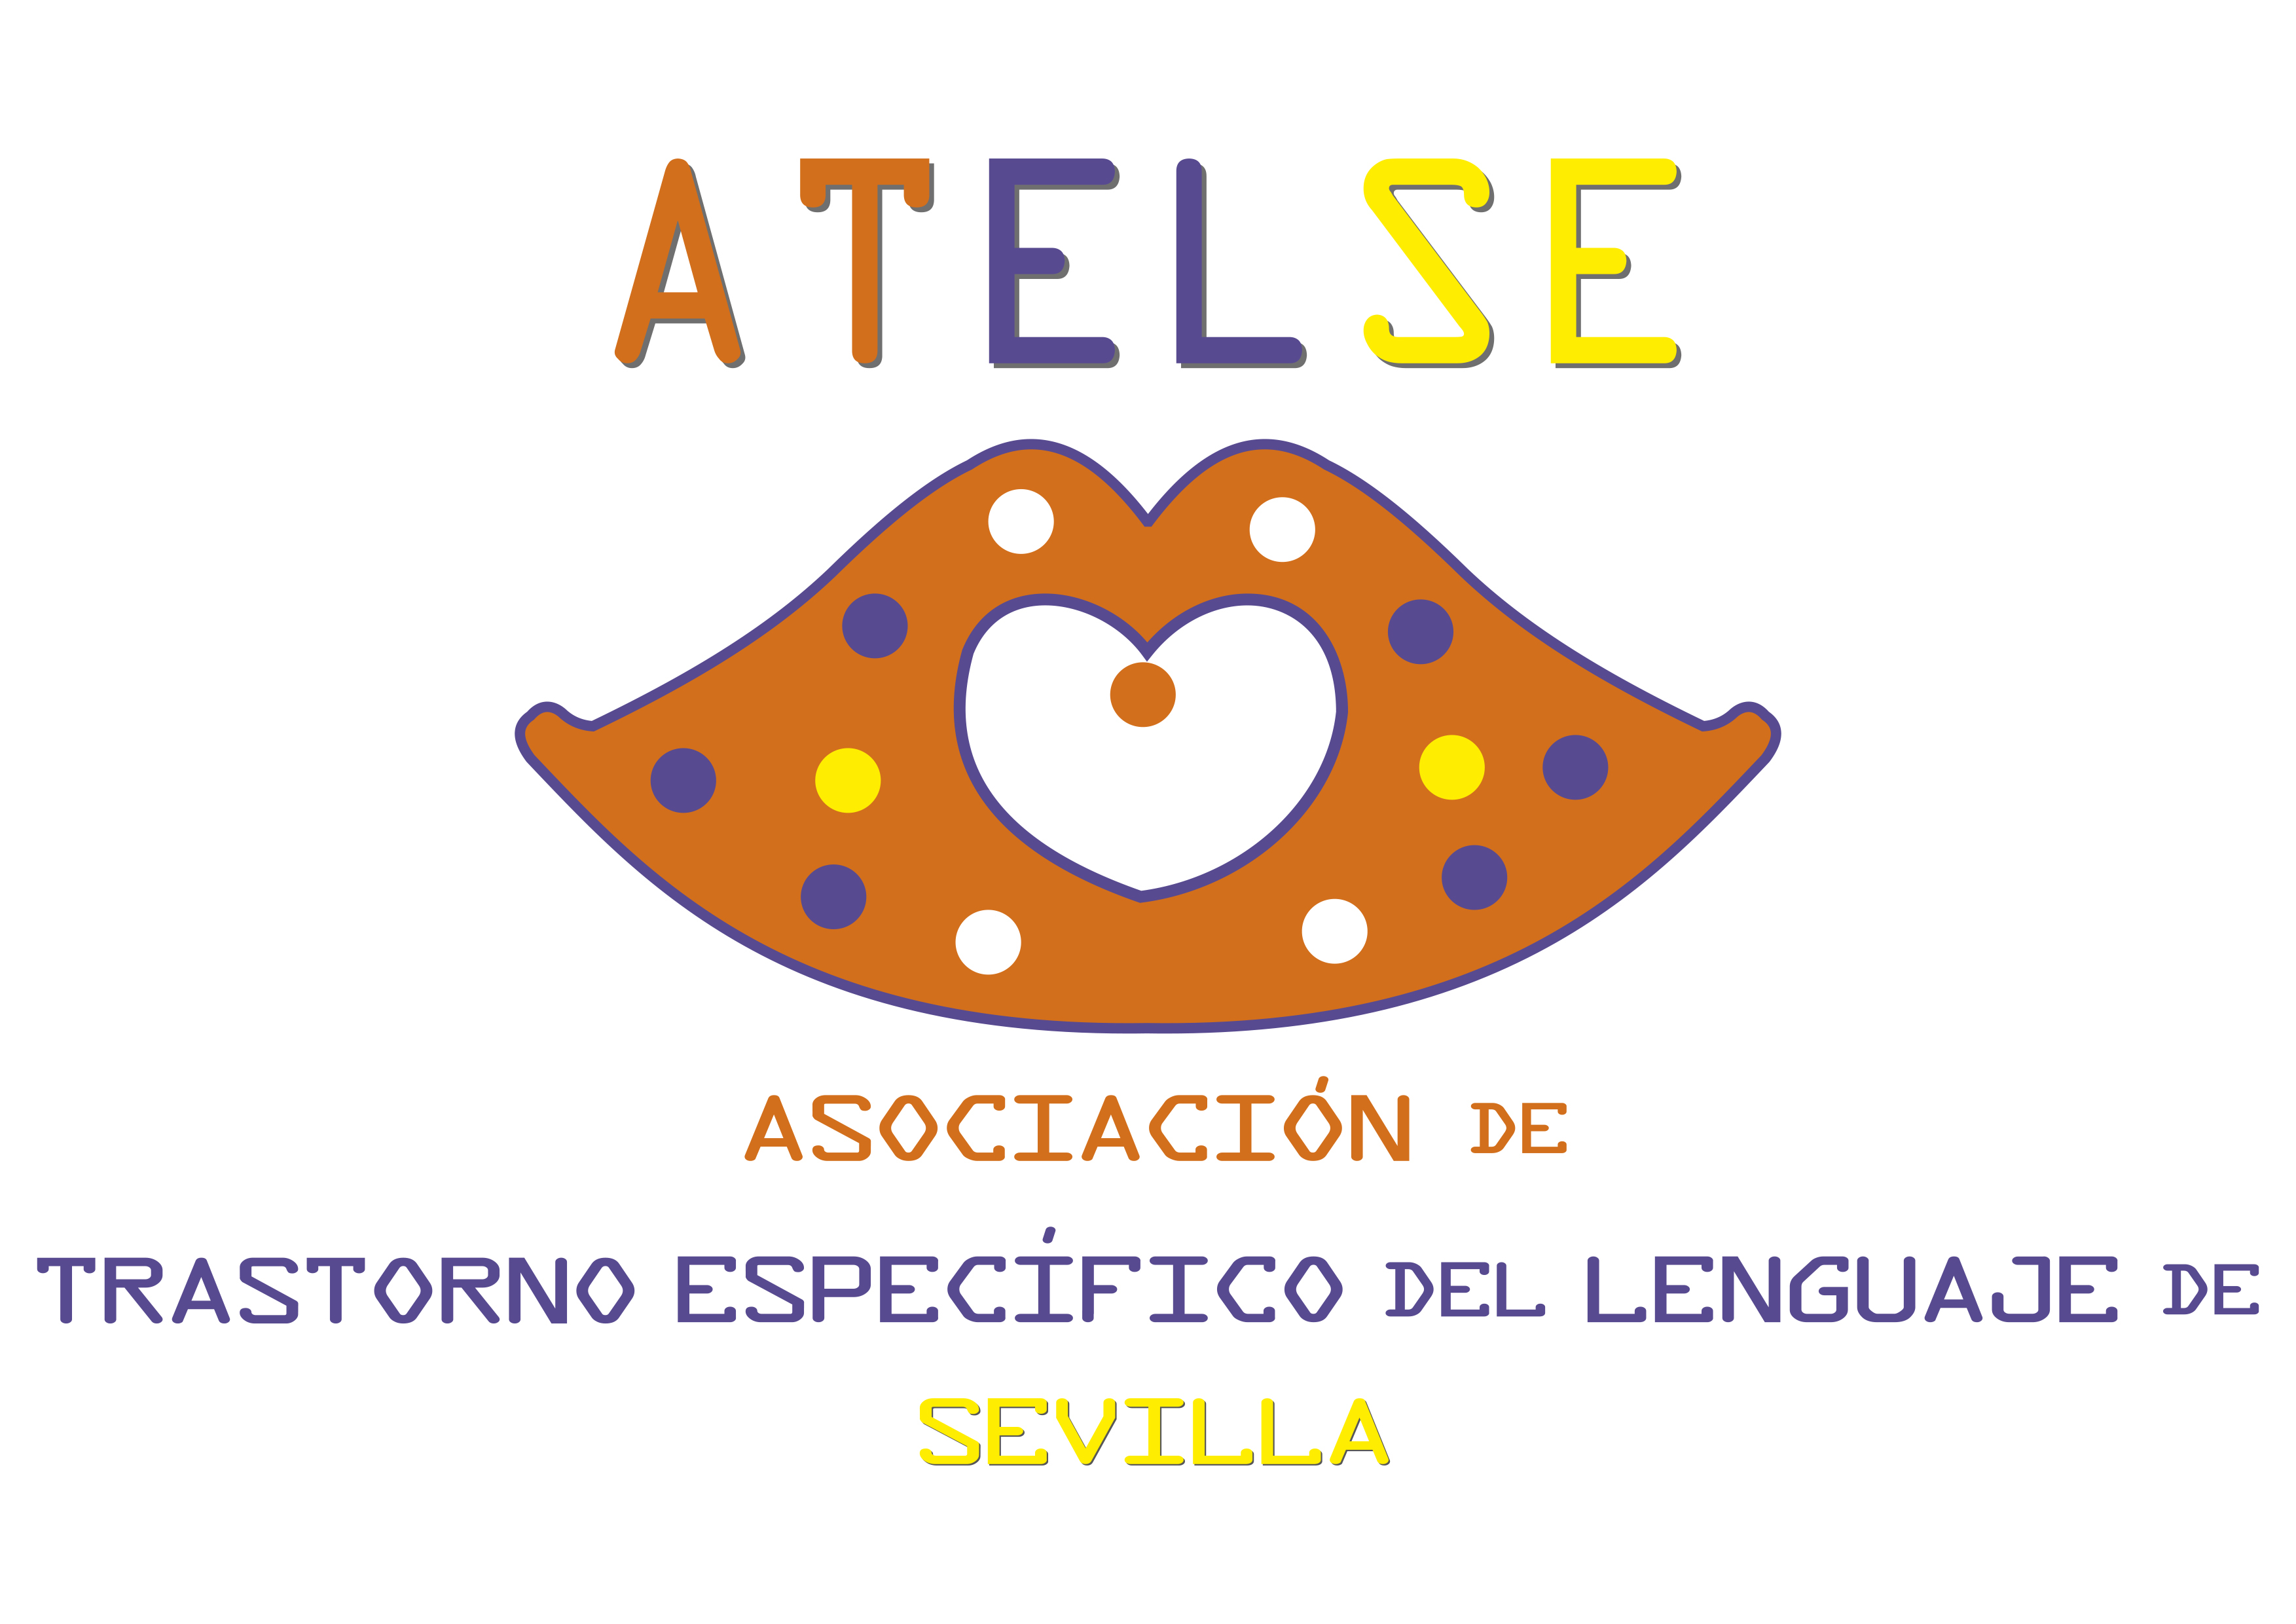 ATELSE-logo